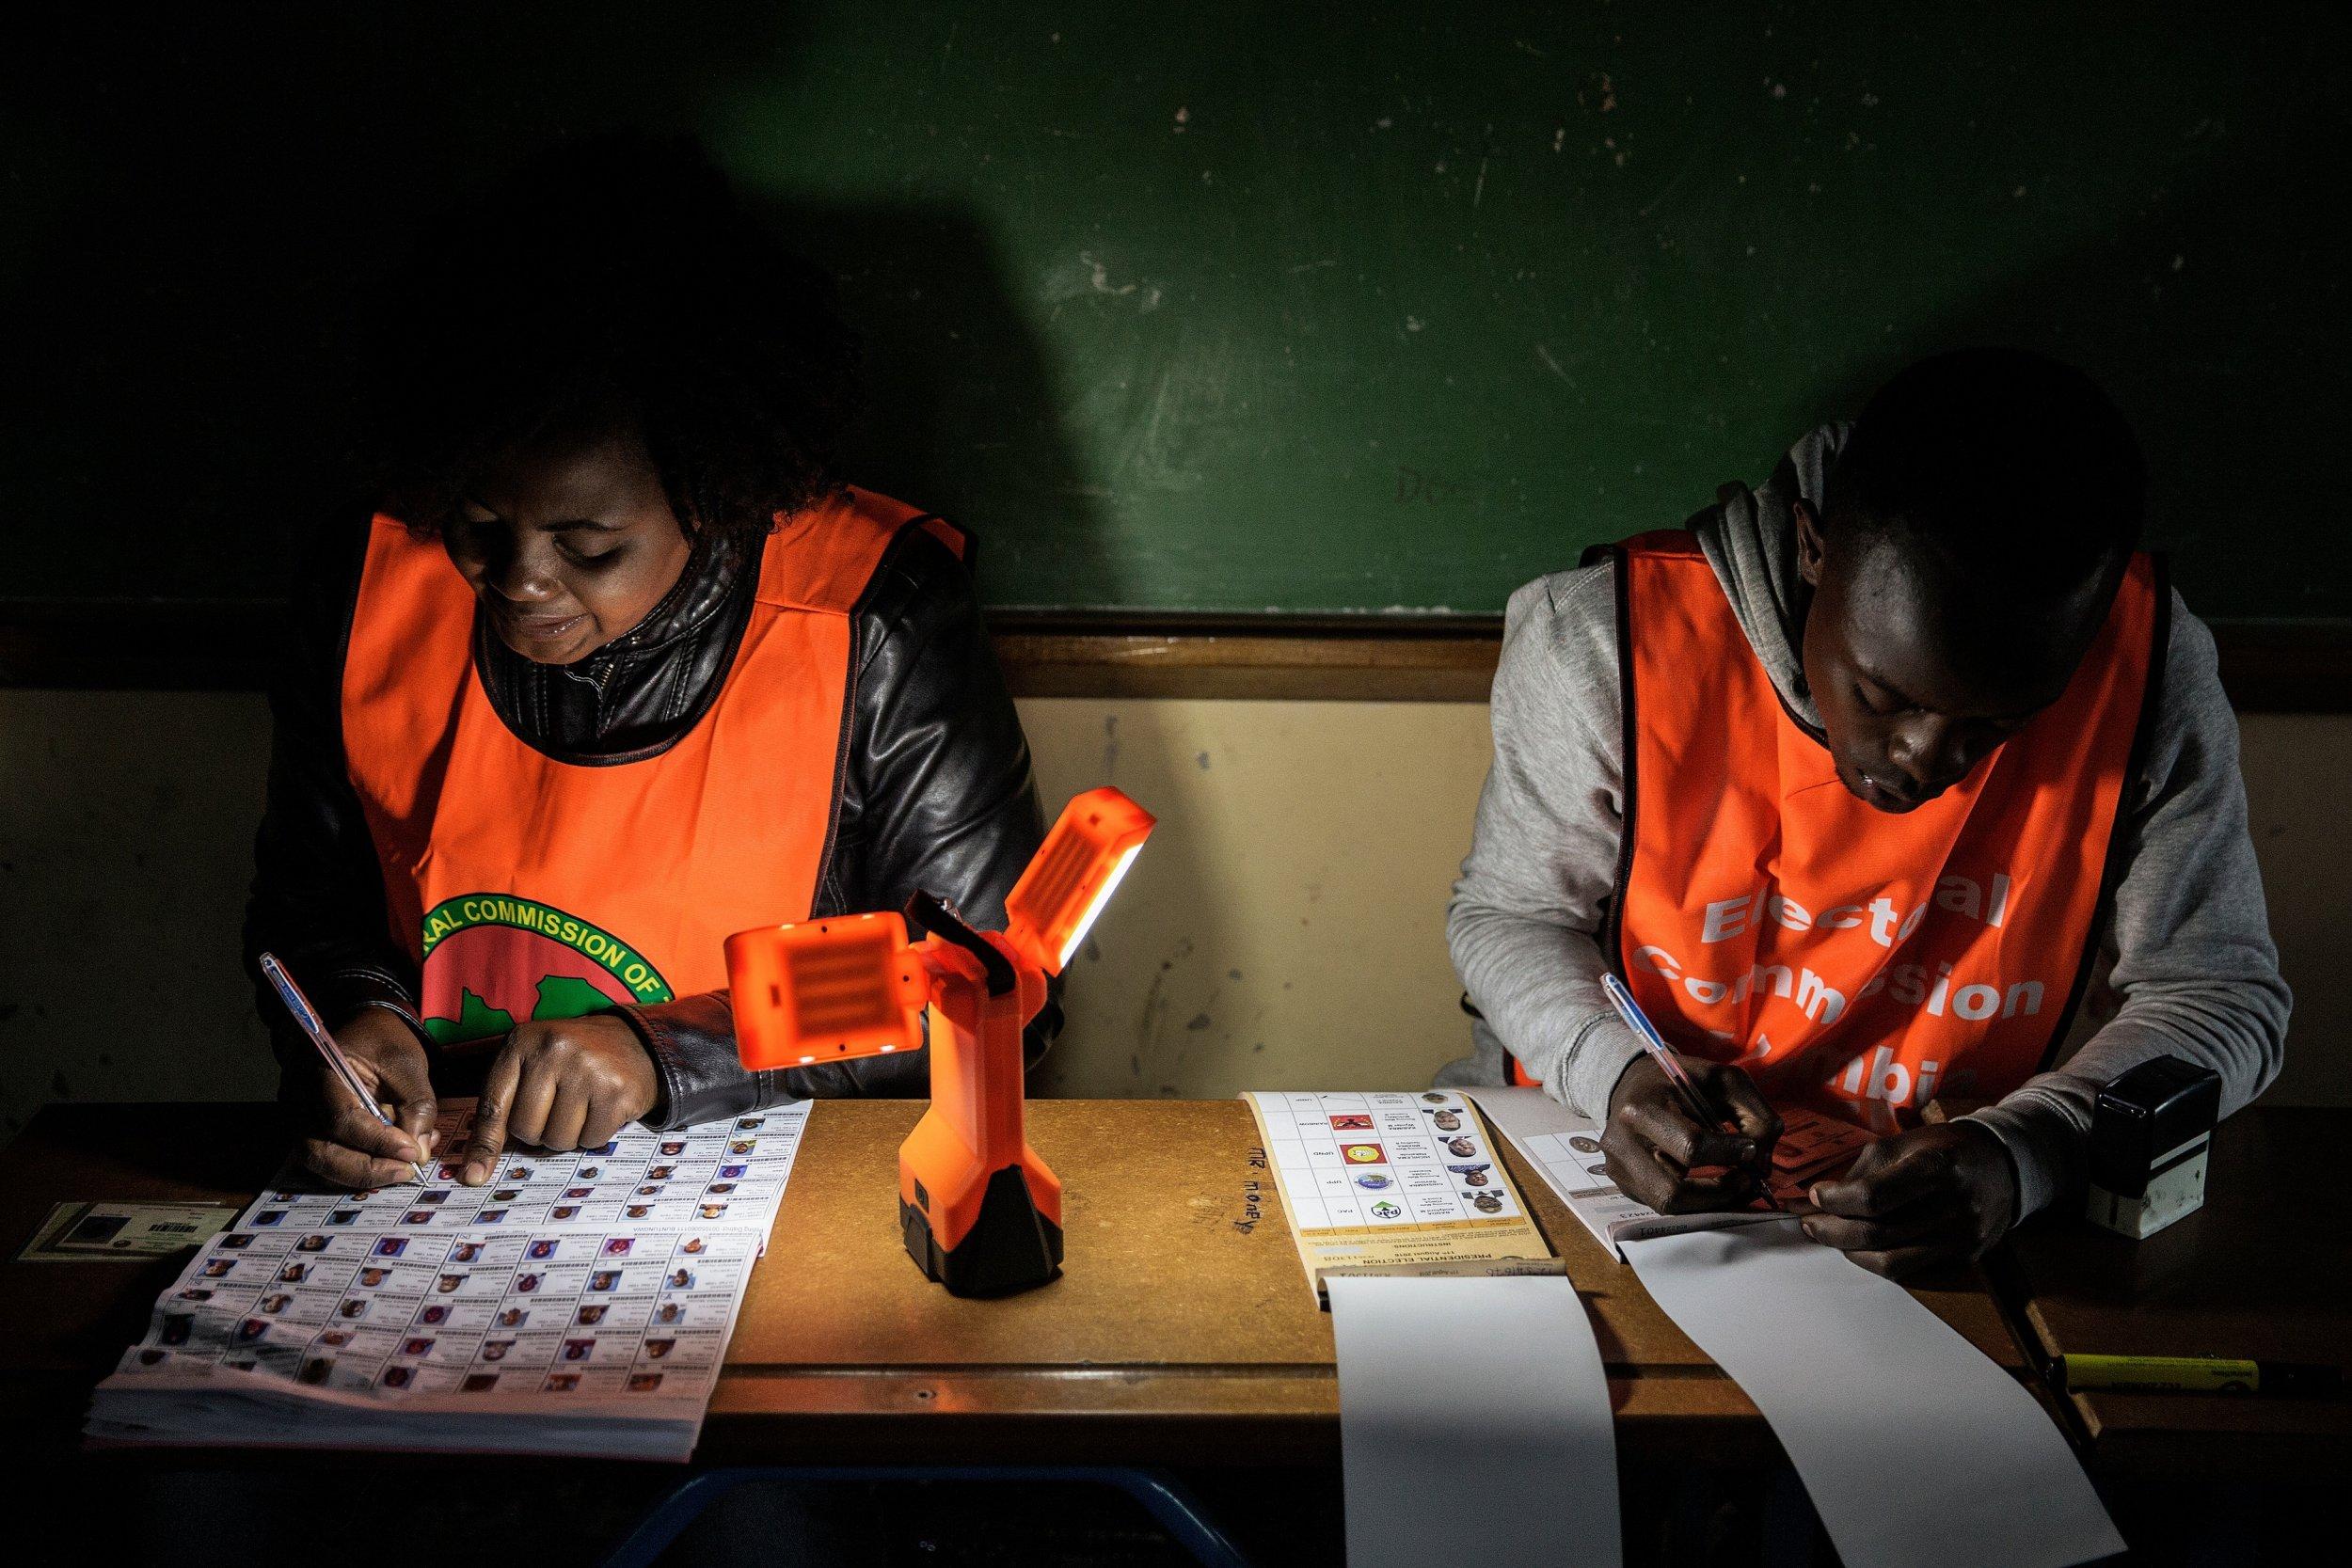 Zambia vote counters